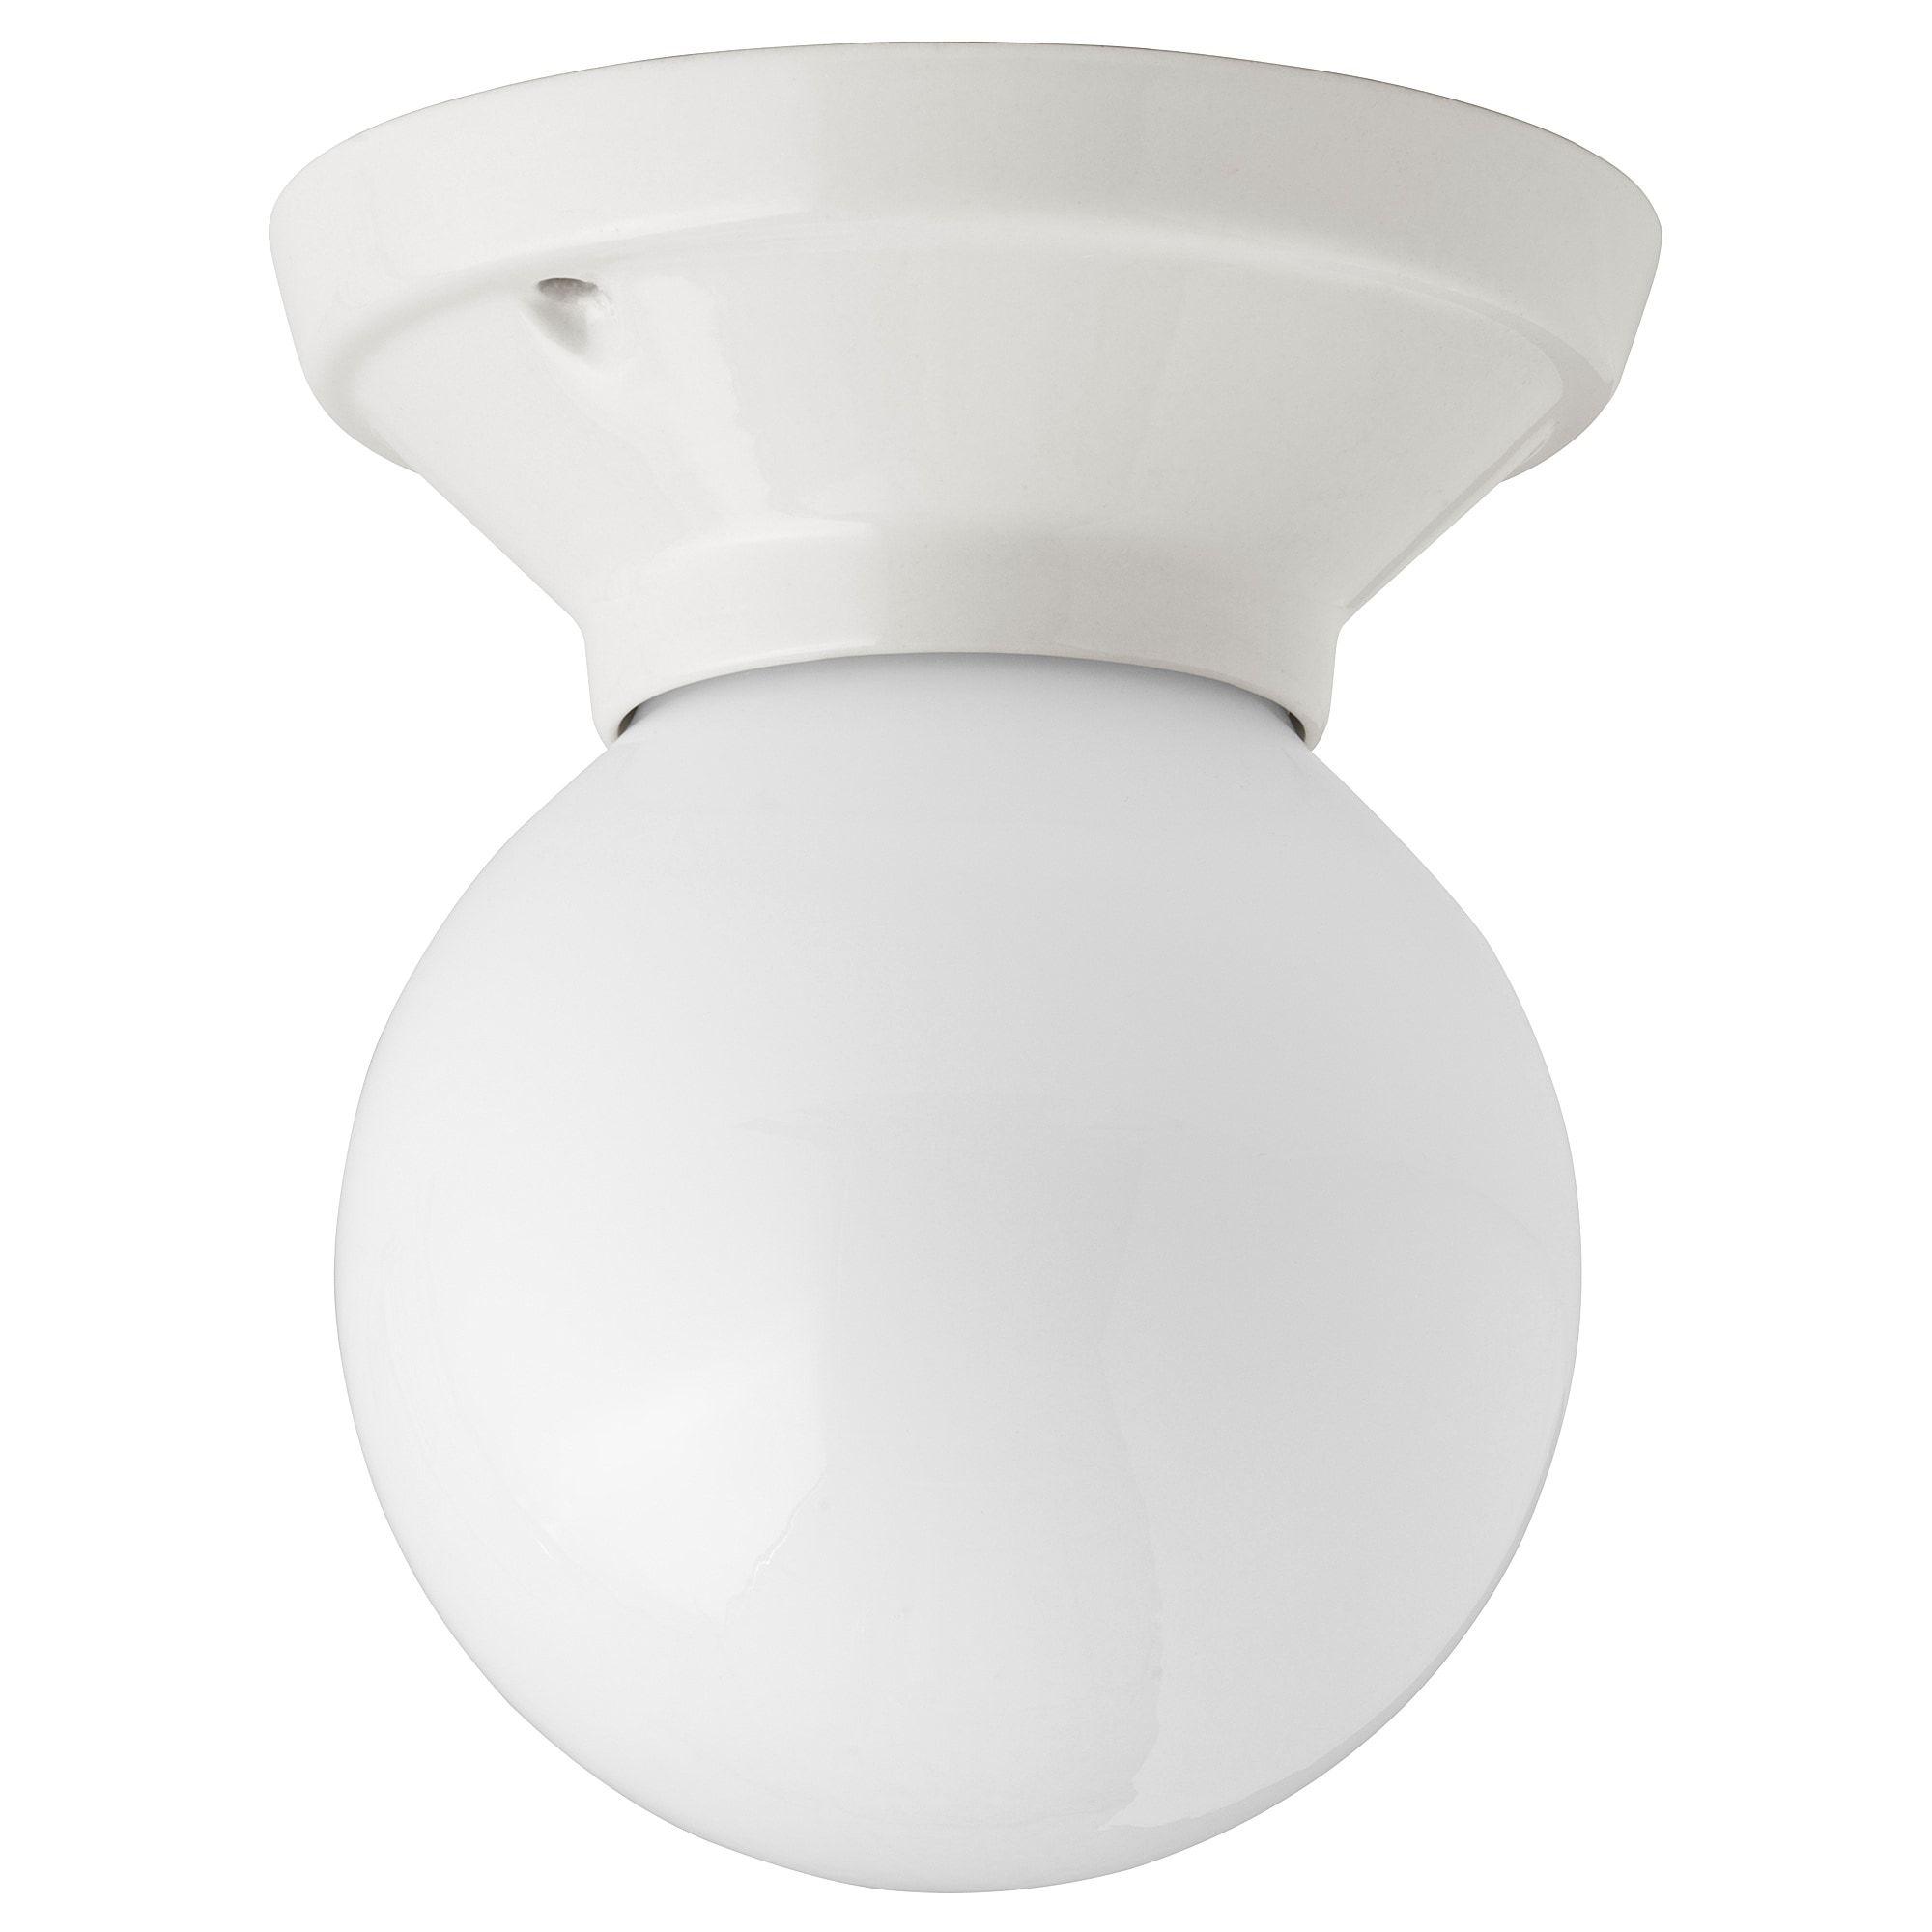 Ikea Vitemolla Lampara De Techo Pared Porcelana Ceramica Gres Vidrio Como Emite Una Luz Difuminada Es Lamparas De Techo Lampara De Pared Lampara De Tubo